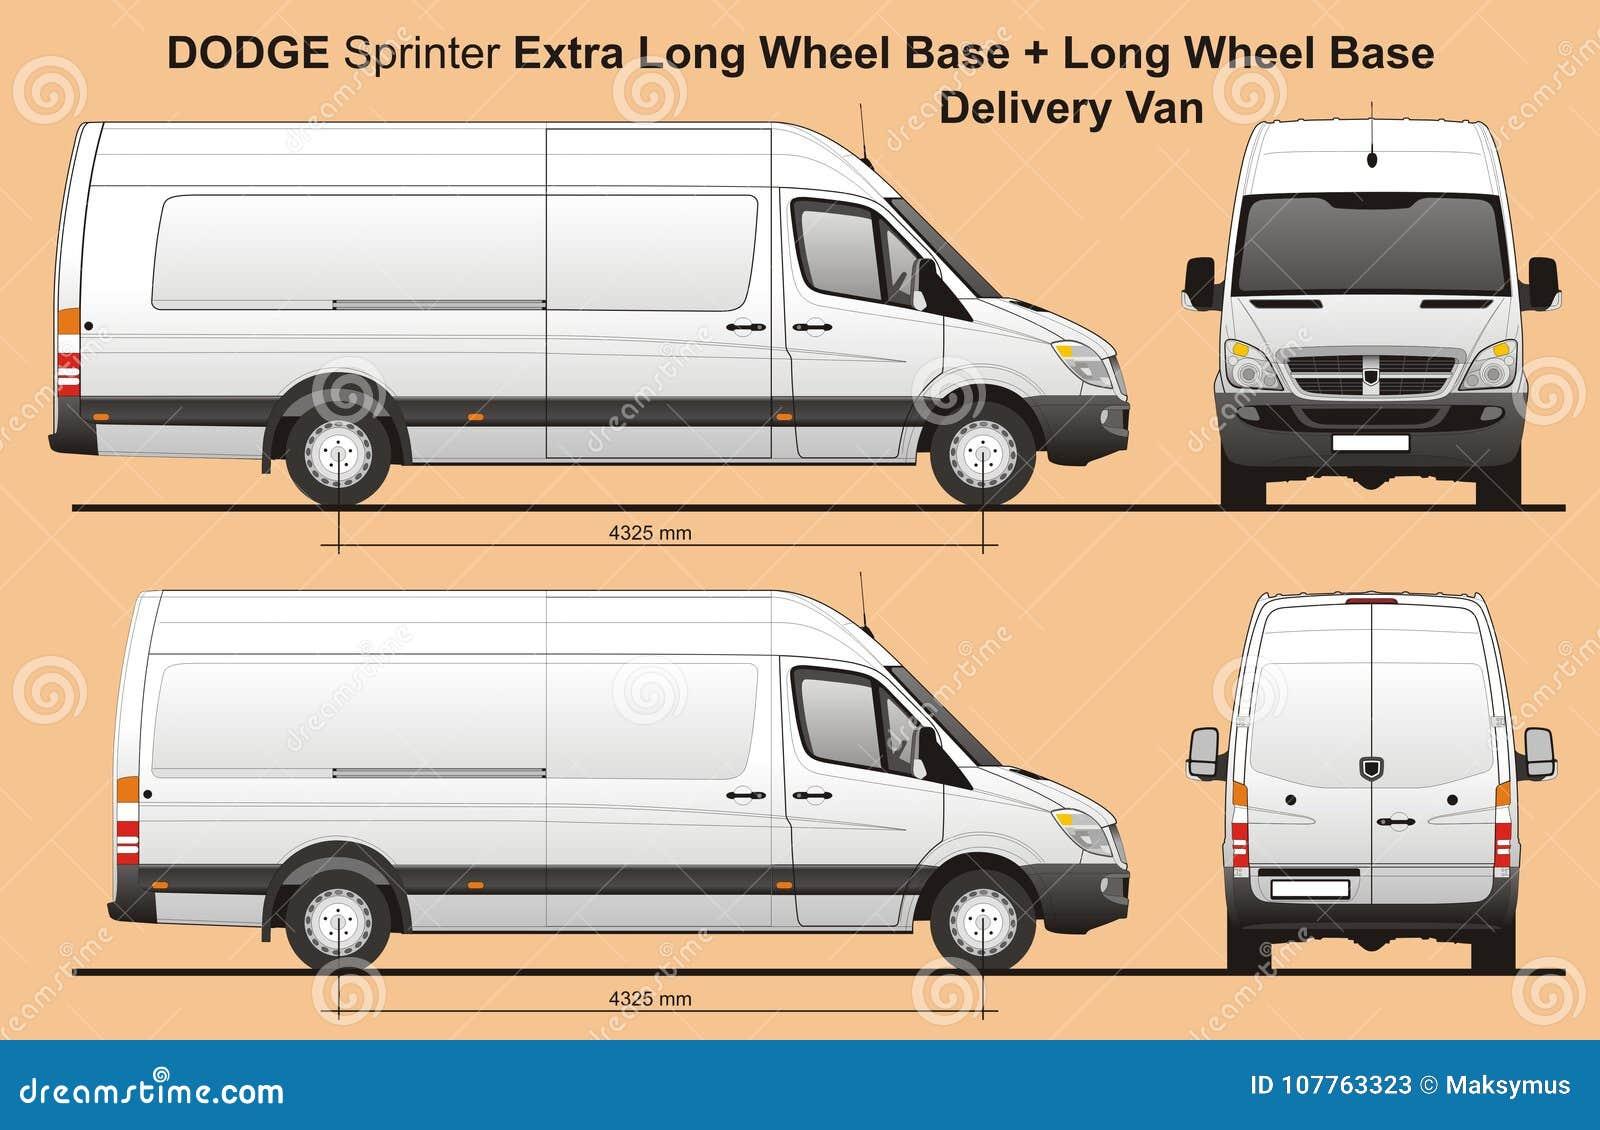 Dodge-Sprinter Extra-LWB und LWB-FrachtLieferwagen 2010